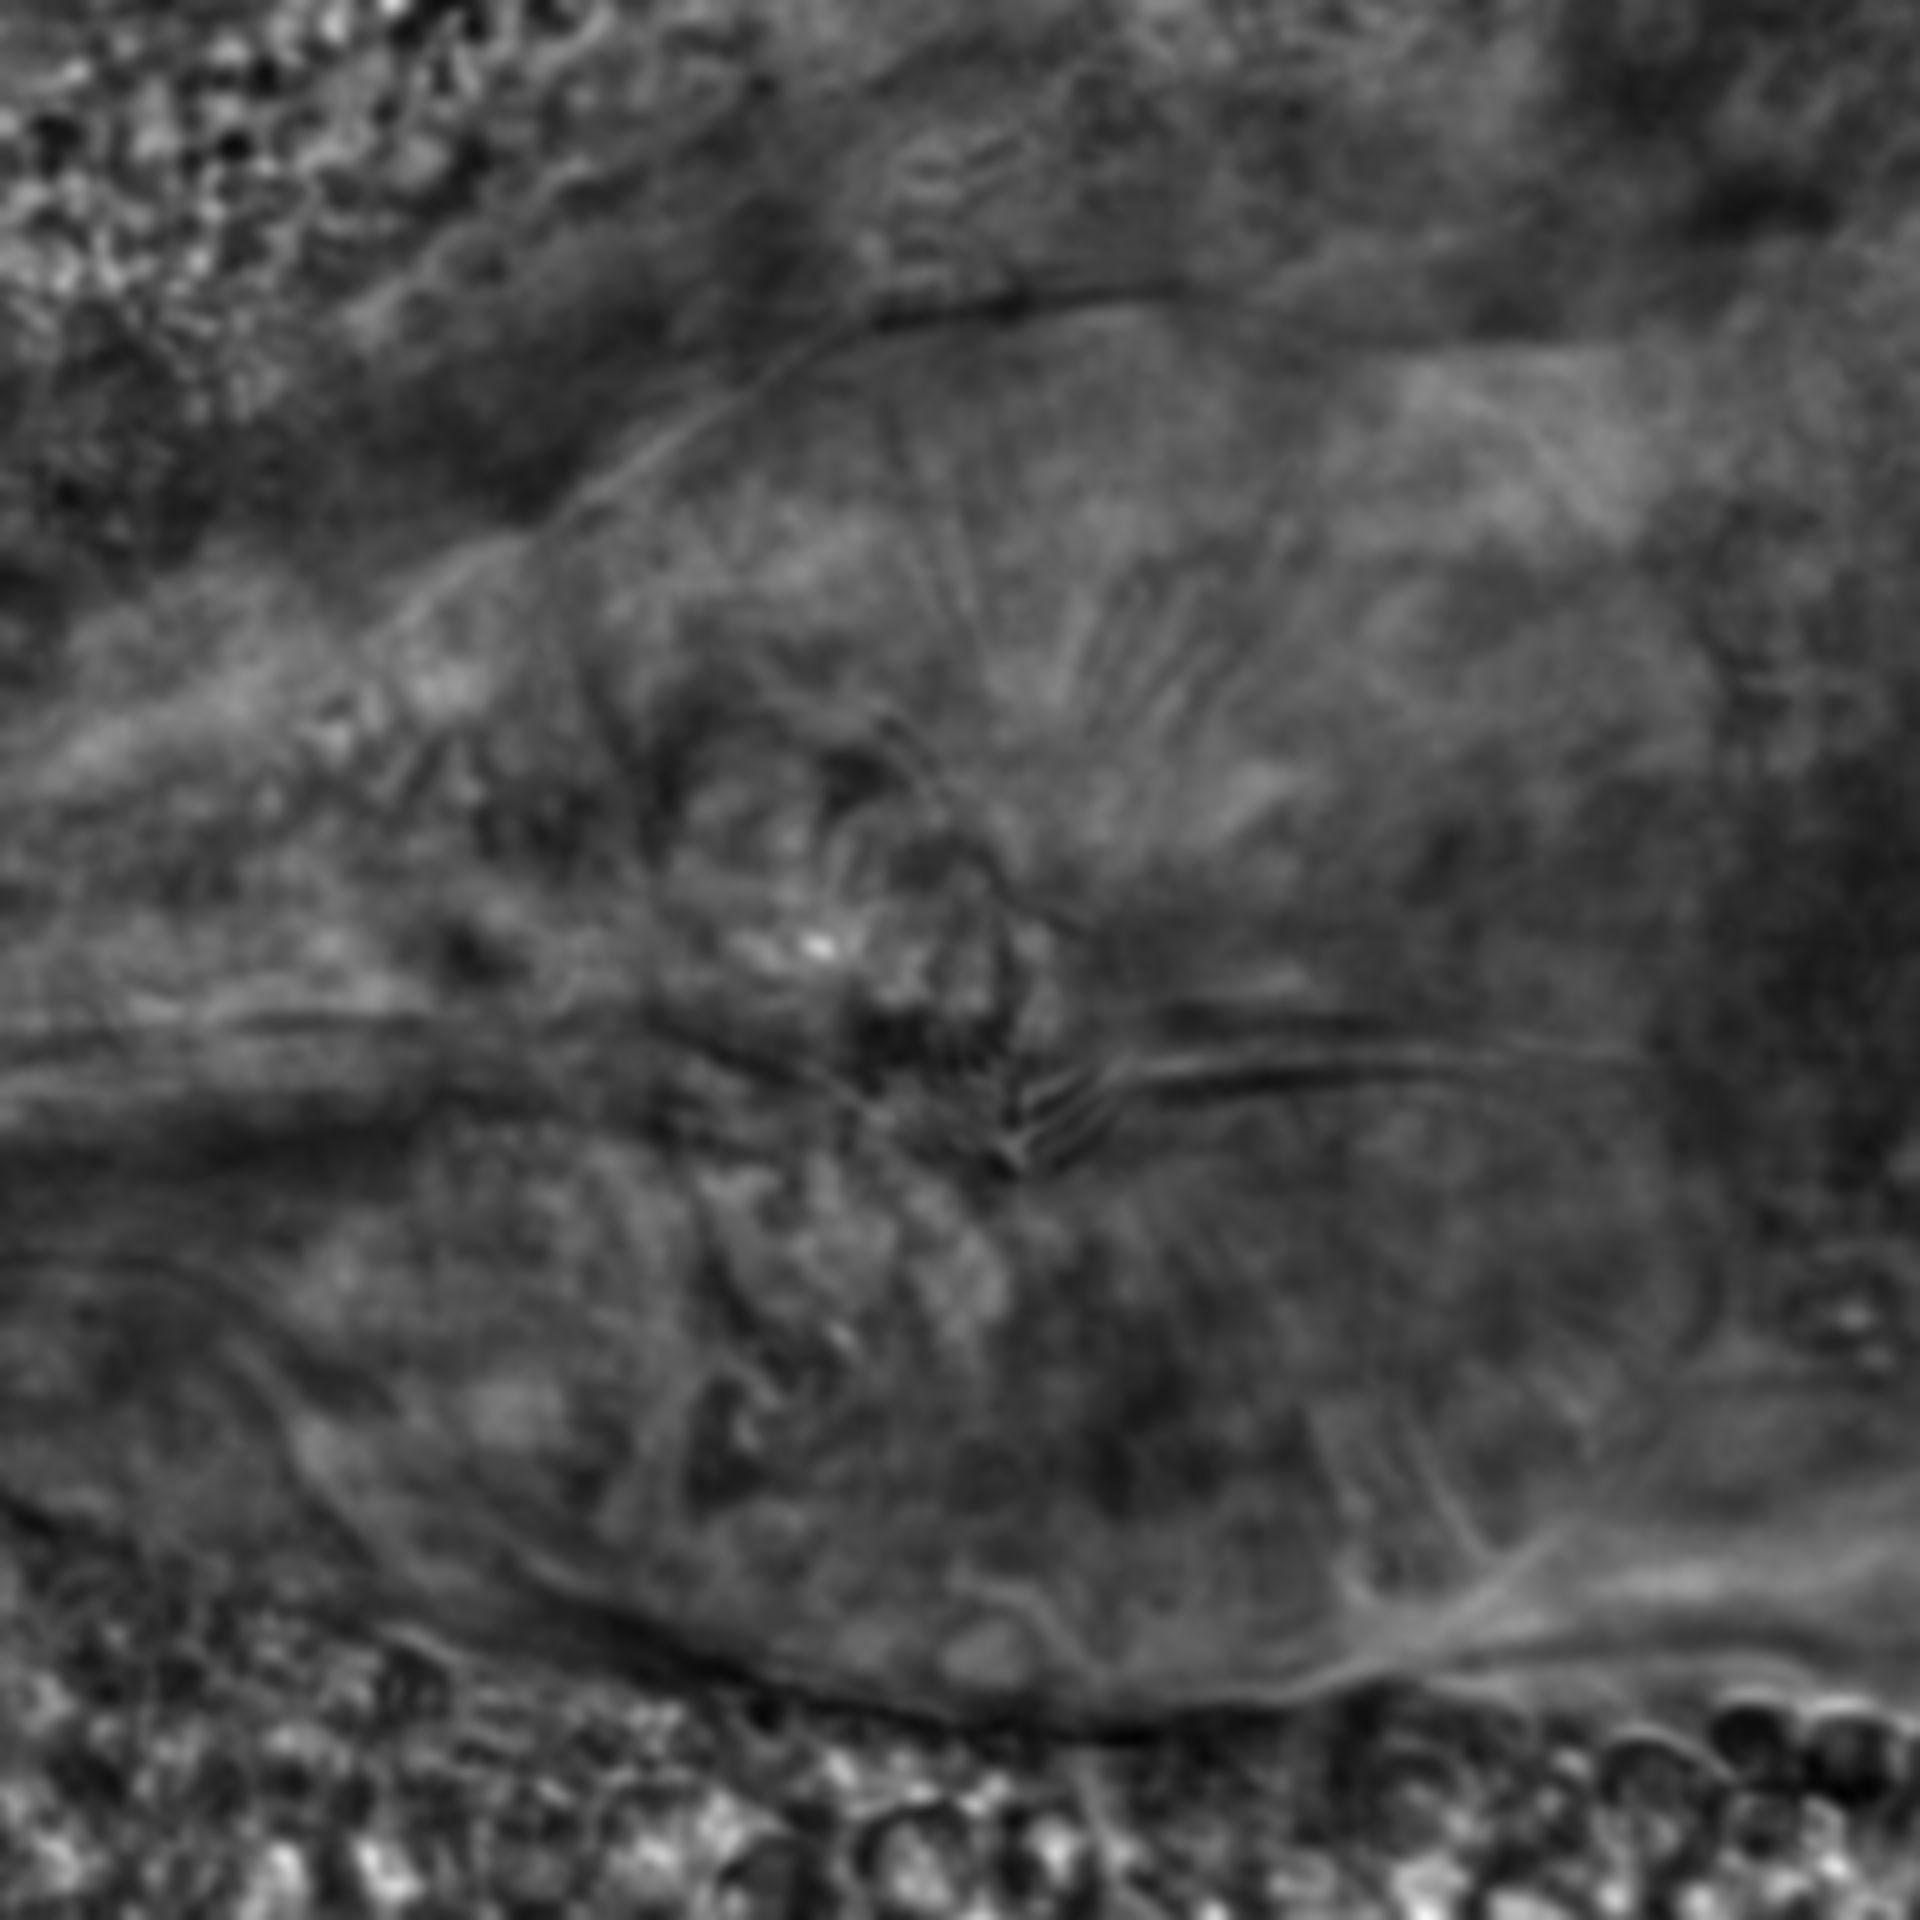 Caenorhabditis elegans - CIL:2307